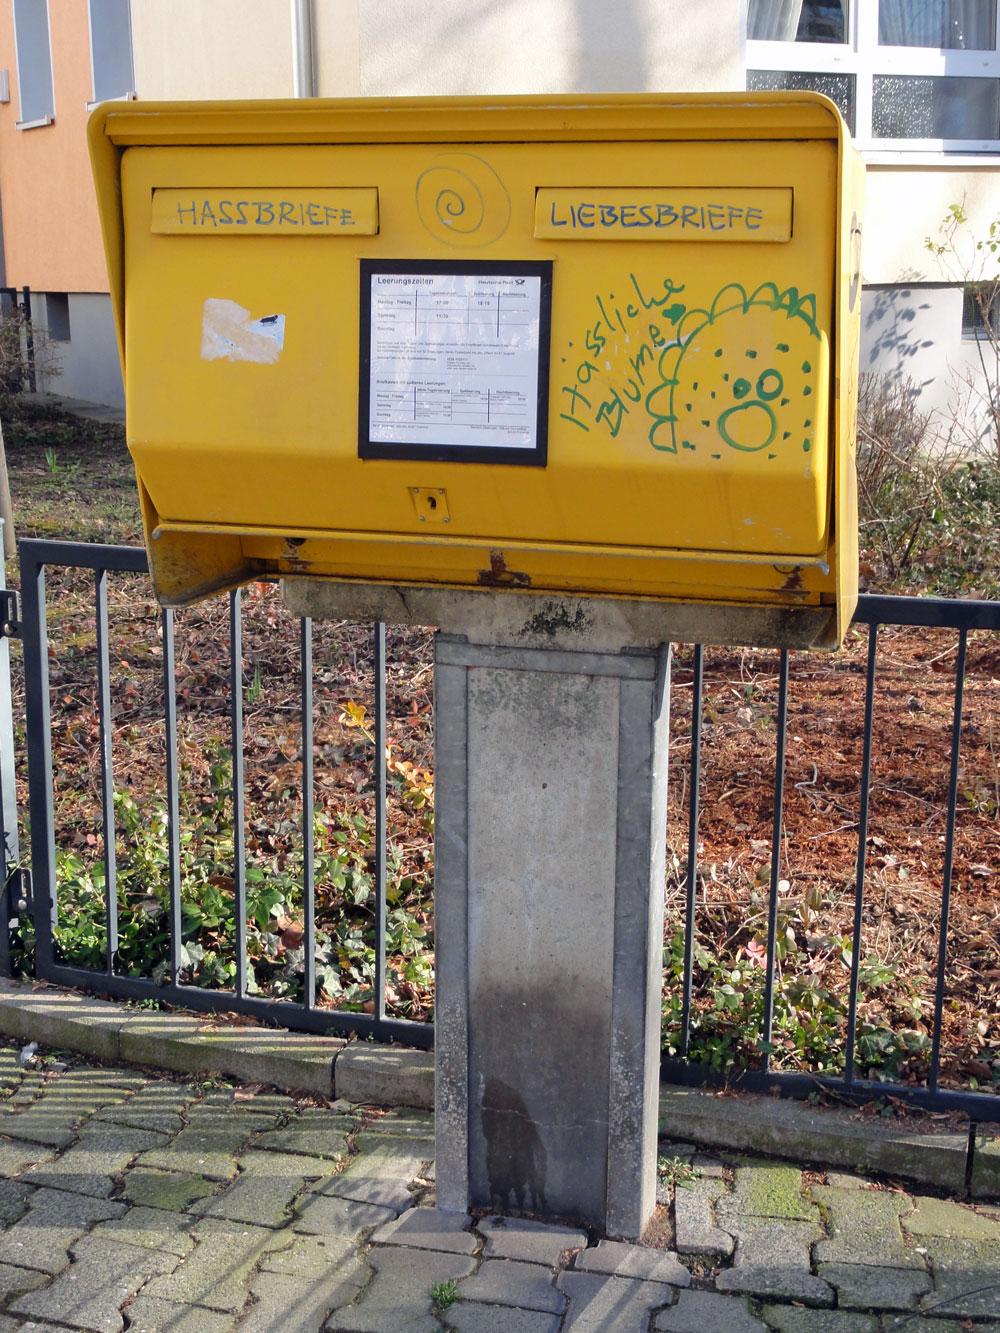 """Briefkasten-Streetart in Frankfurt - """"LIEBESBRIEFE - HASSBRIEFE"""""""